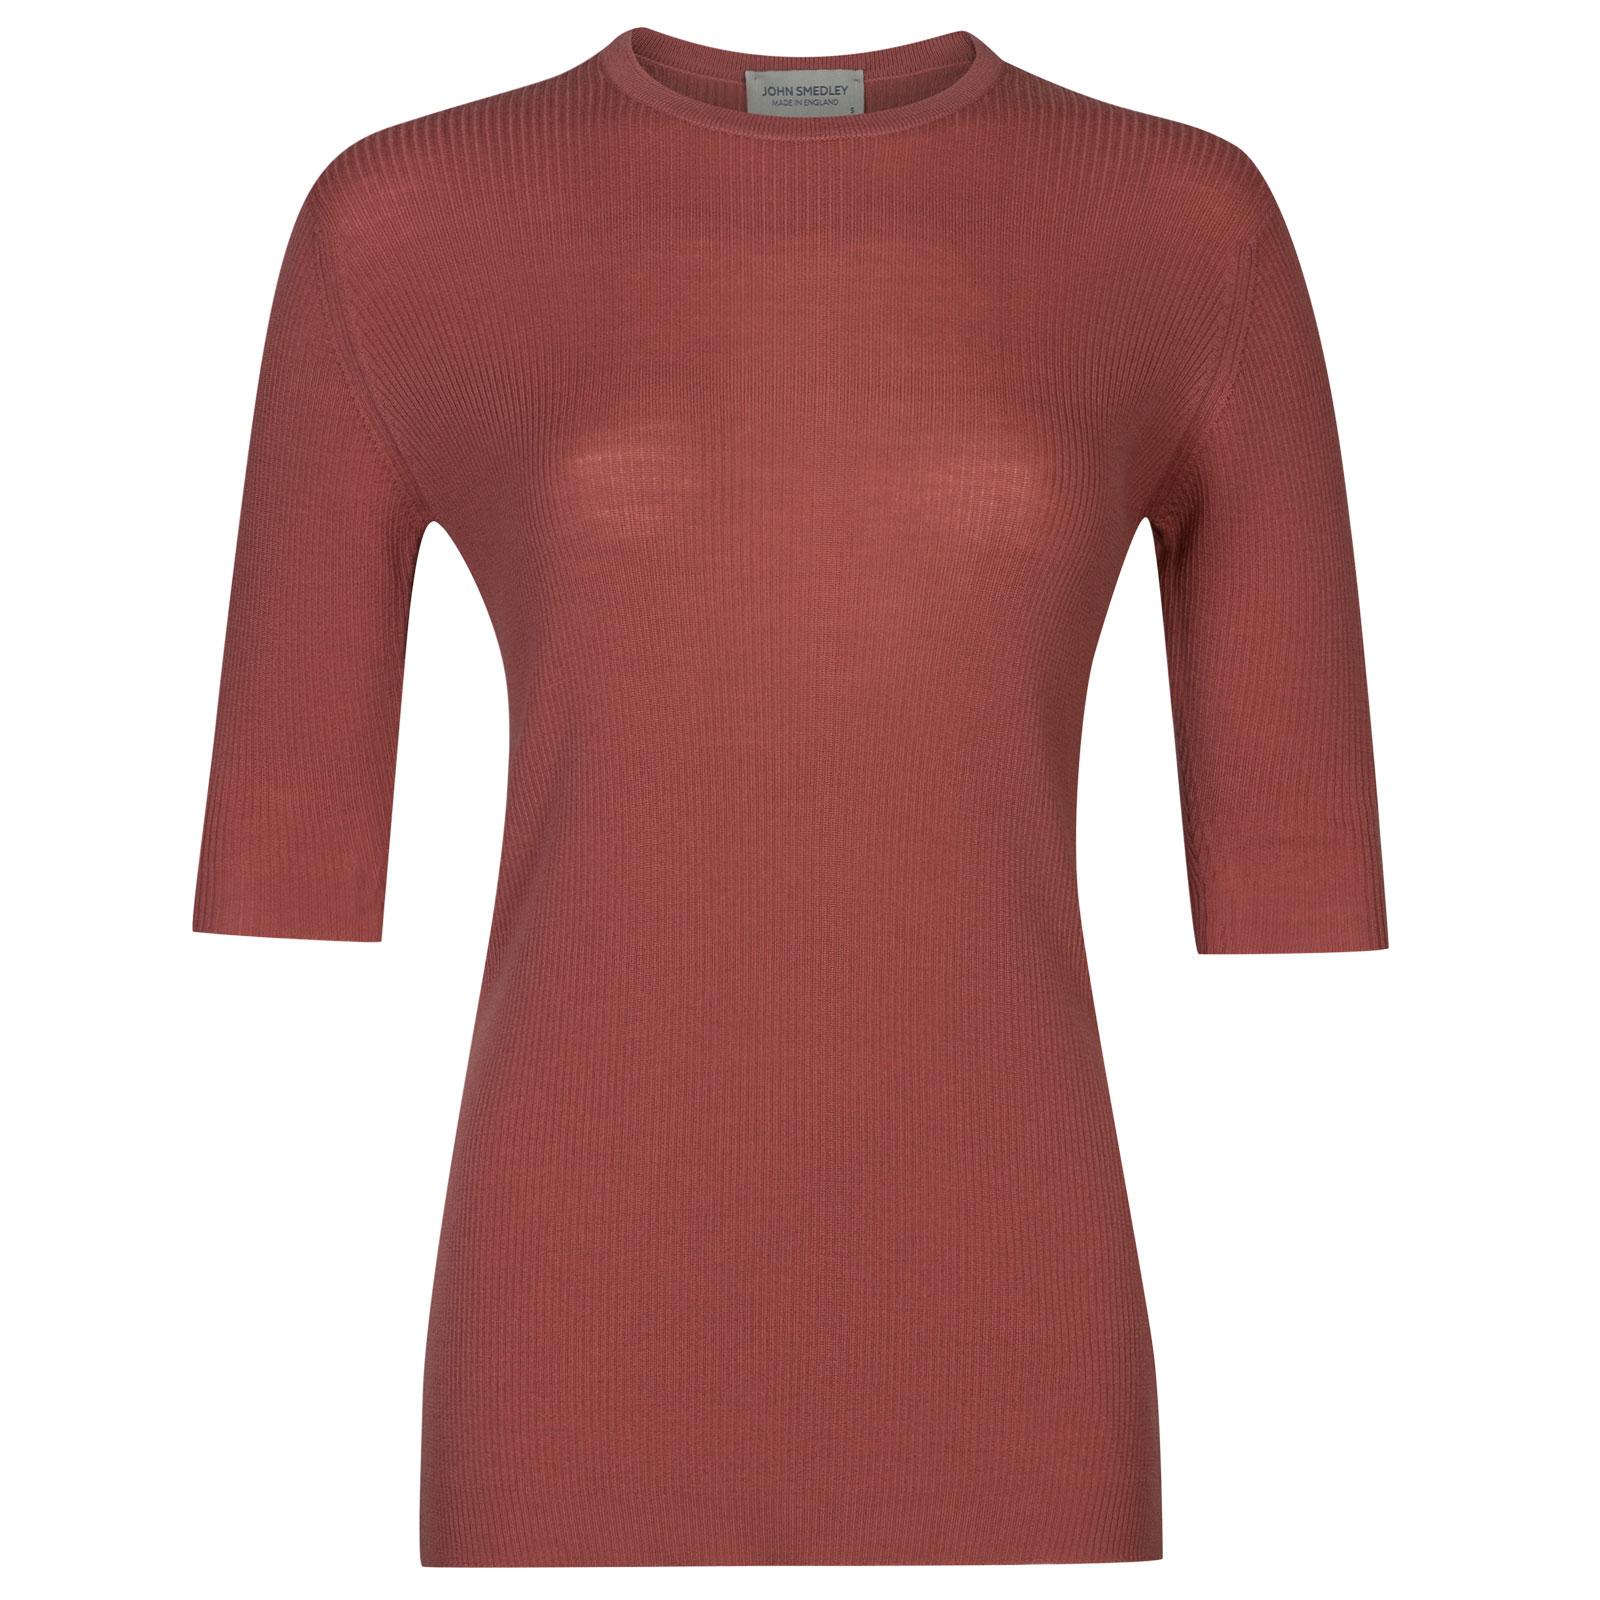 John Smedley wilis Merino Wool Sweater in Stanton Pink-L